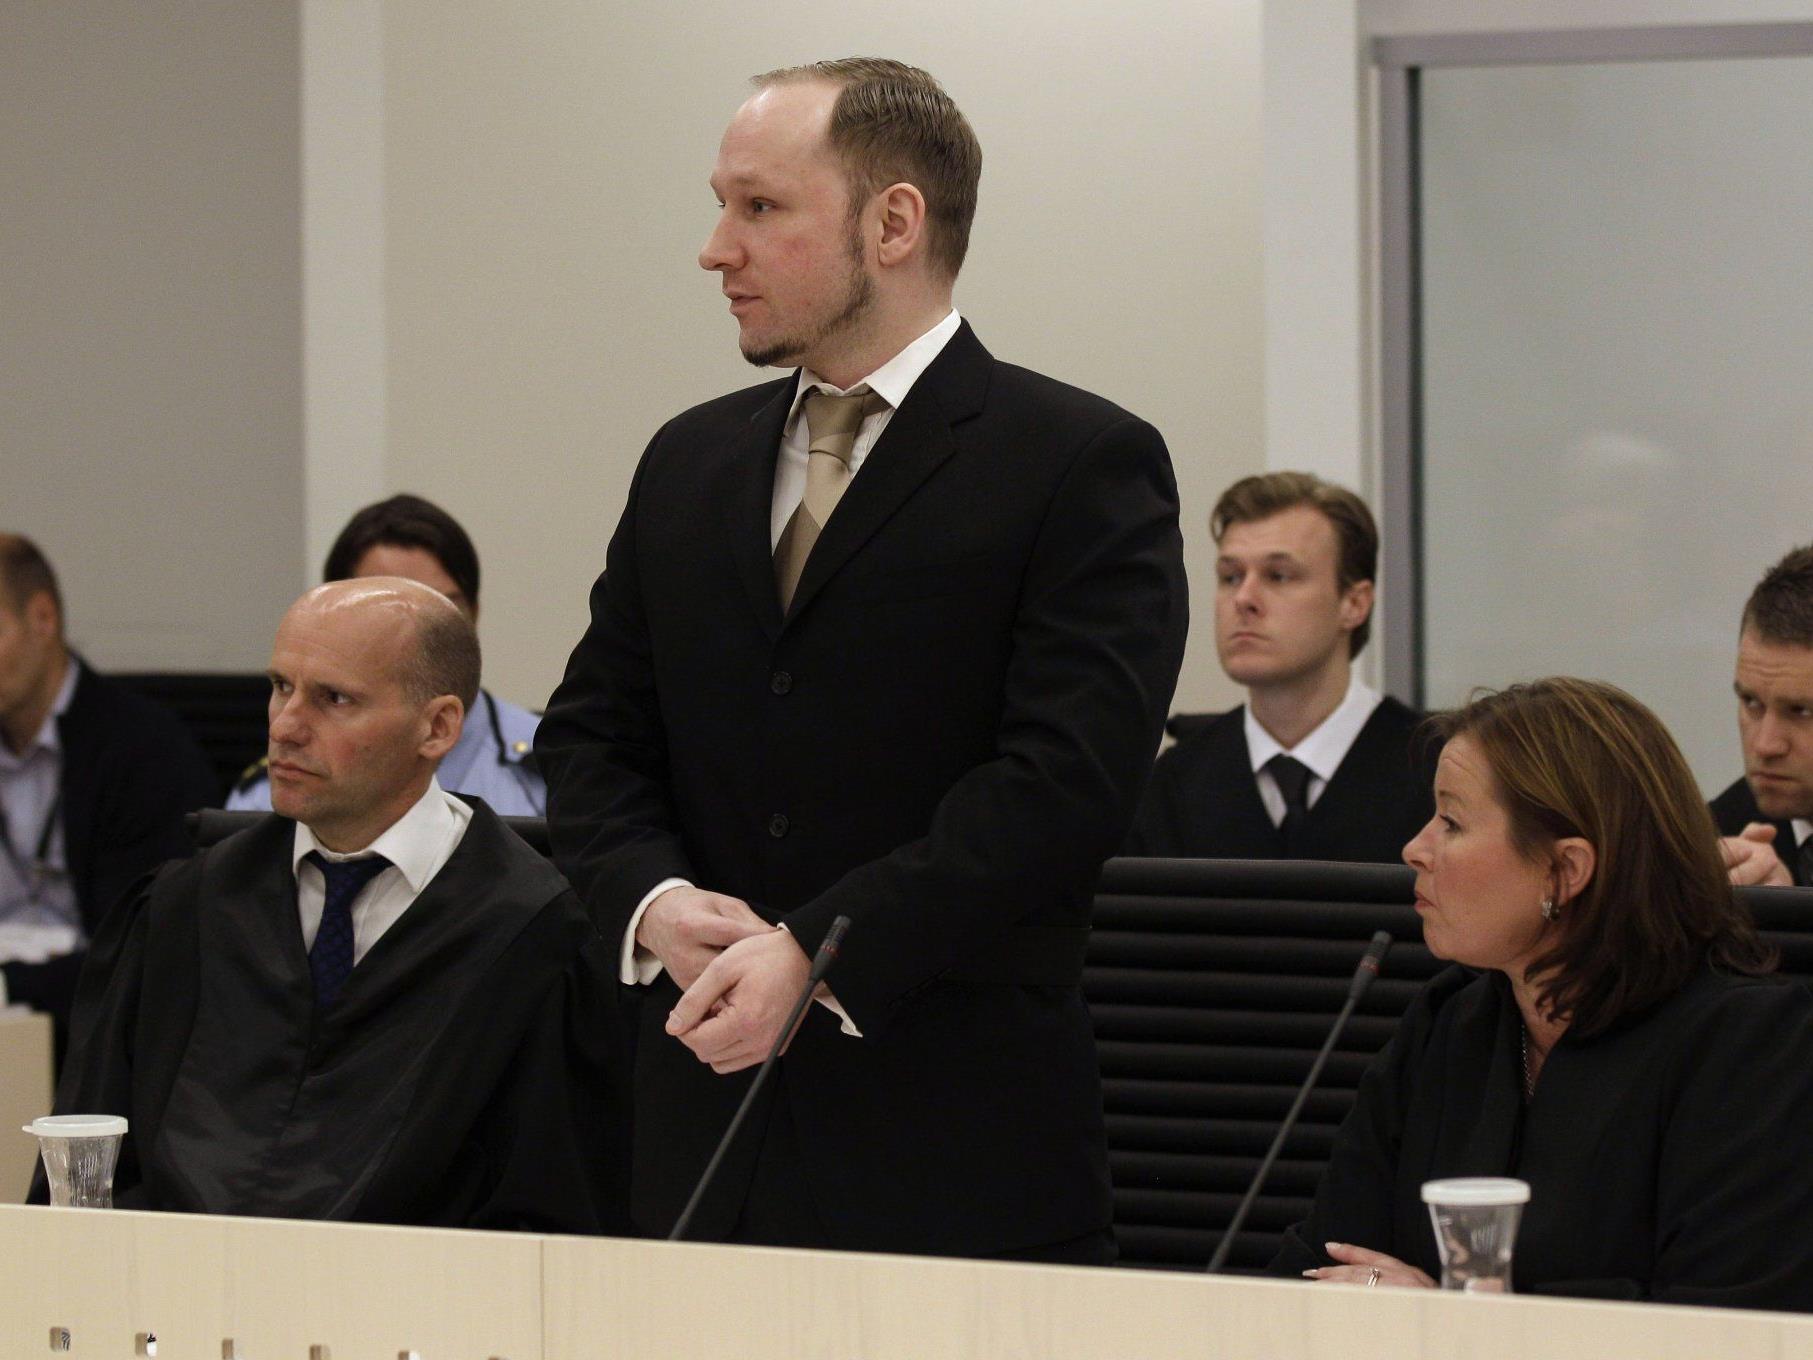 Eckdaten des Prozesses gegen den norwegischen Attentäter Anders Behring Breivik.